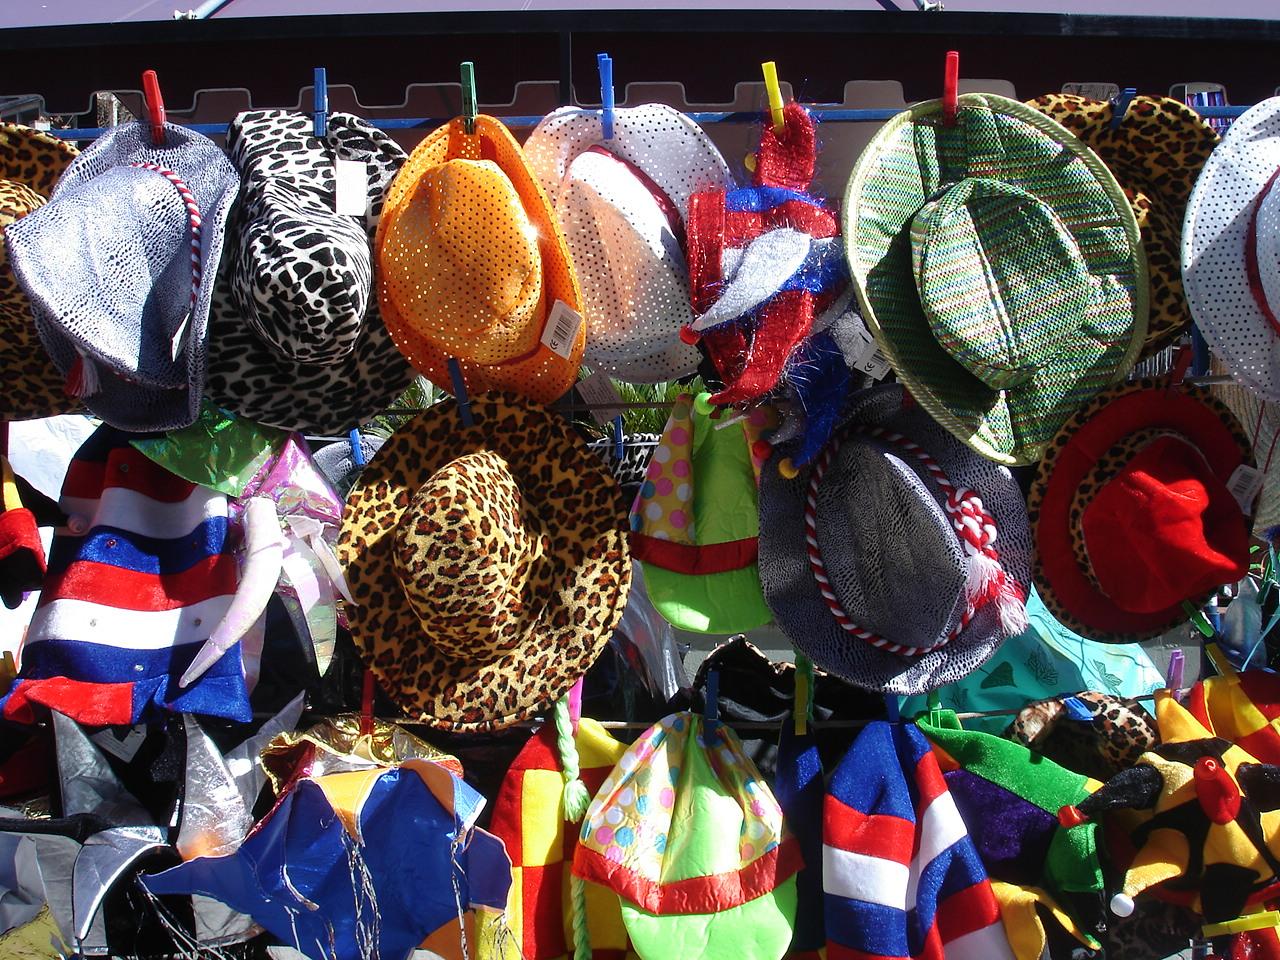 The Many Hats Theory